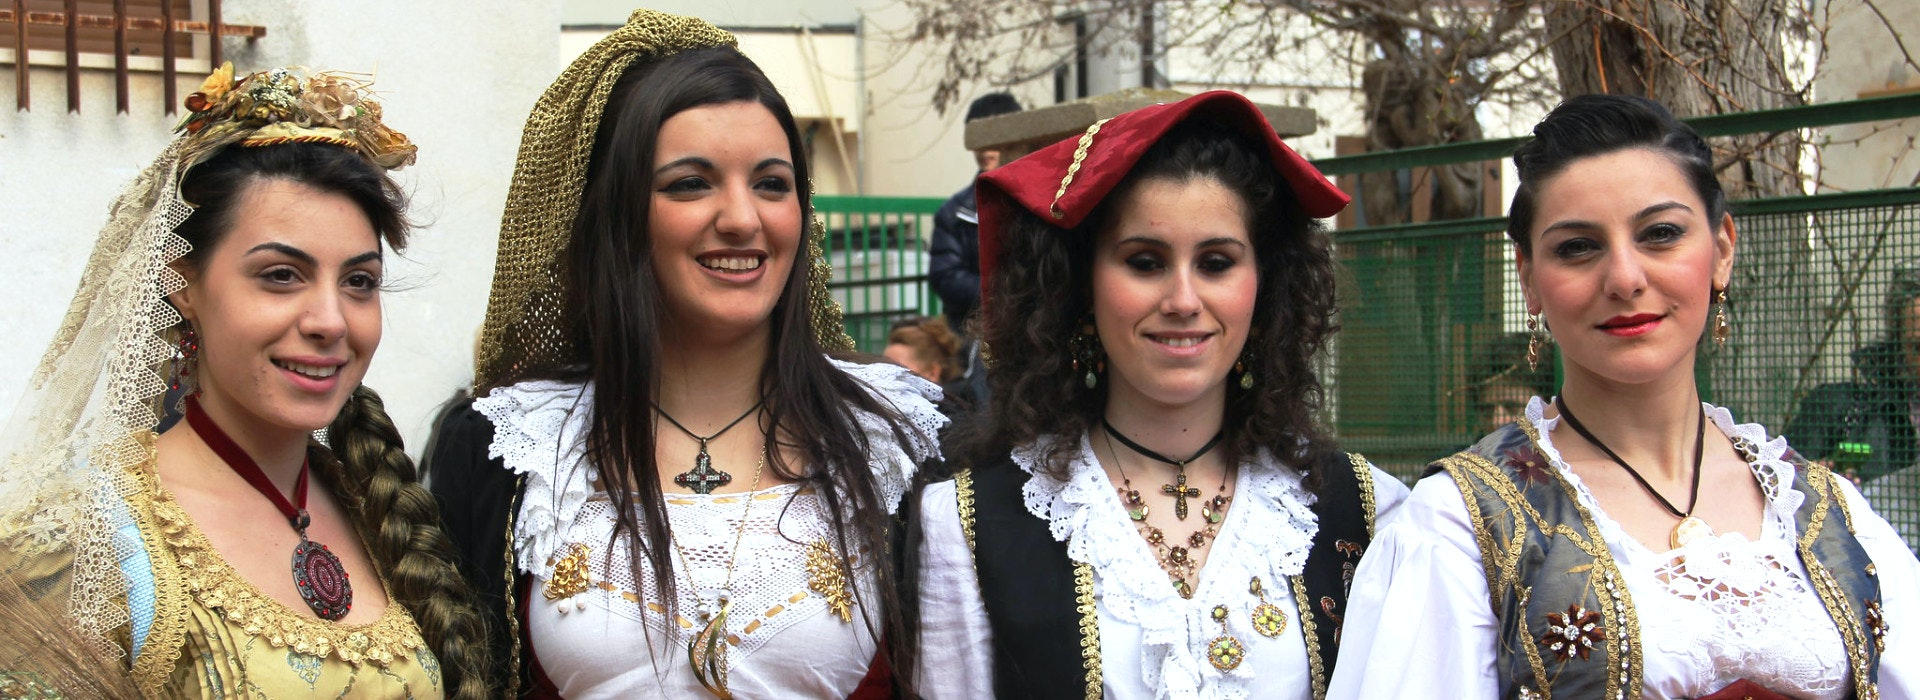 Quattro ragazze vestite con abiti di cultura arbereshe